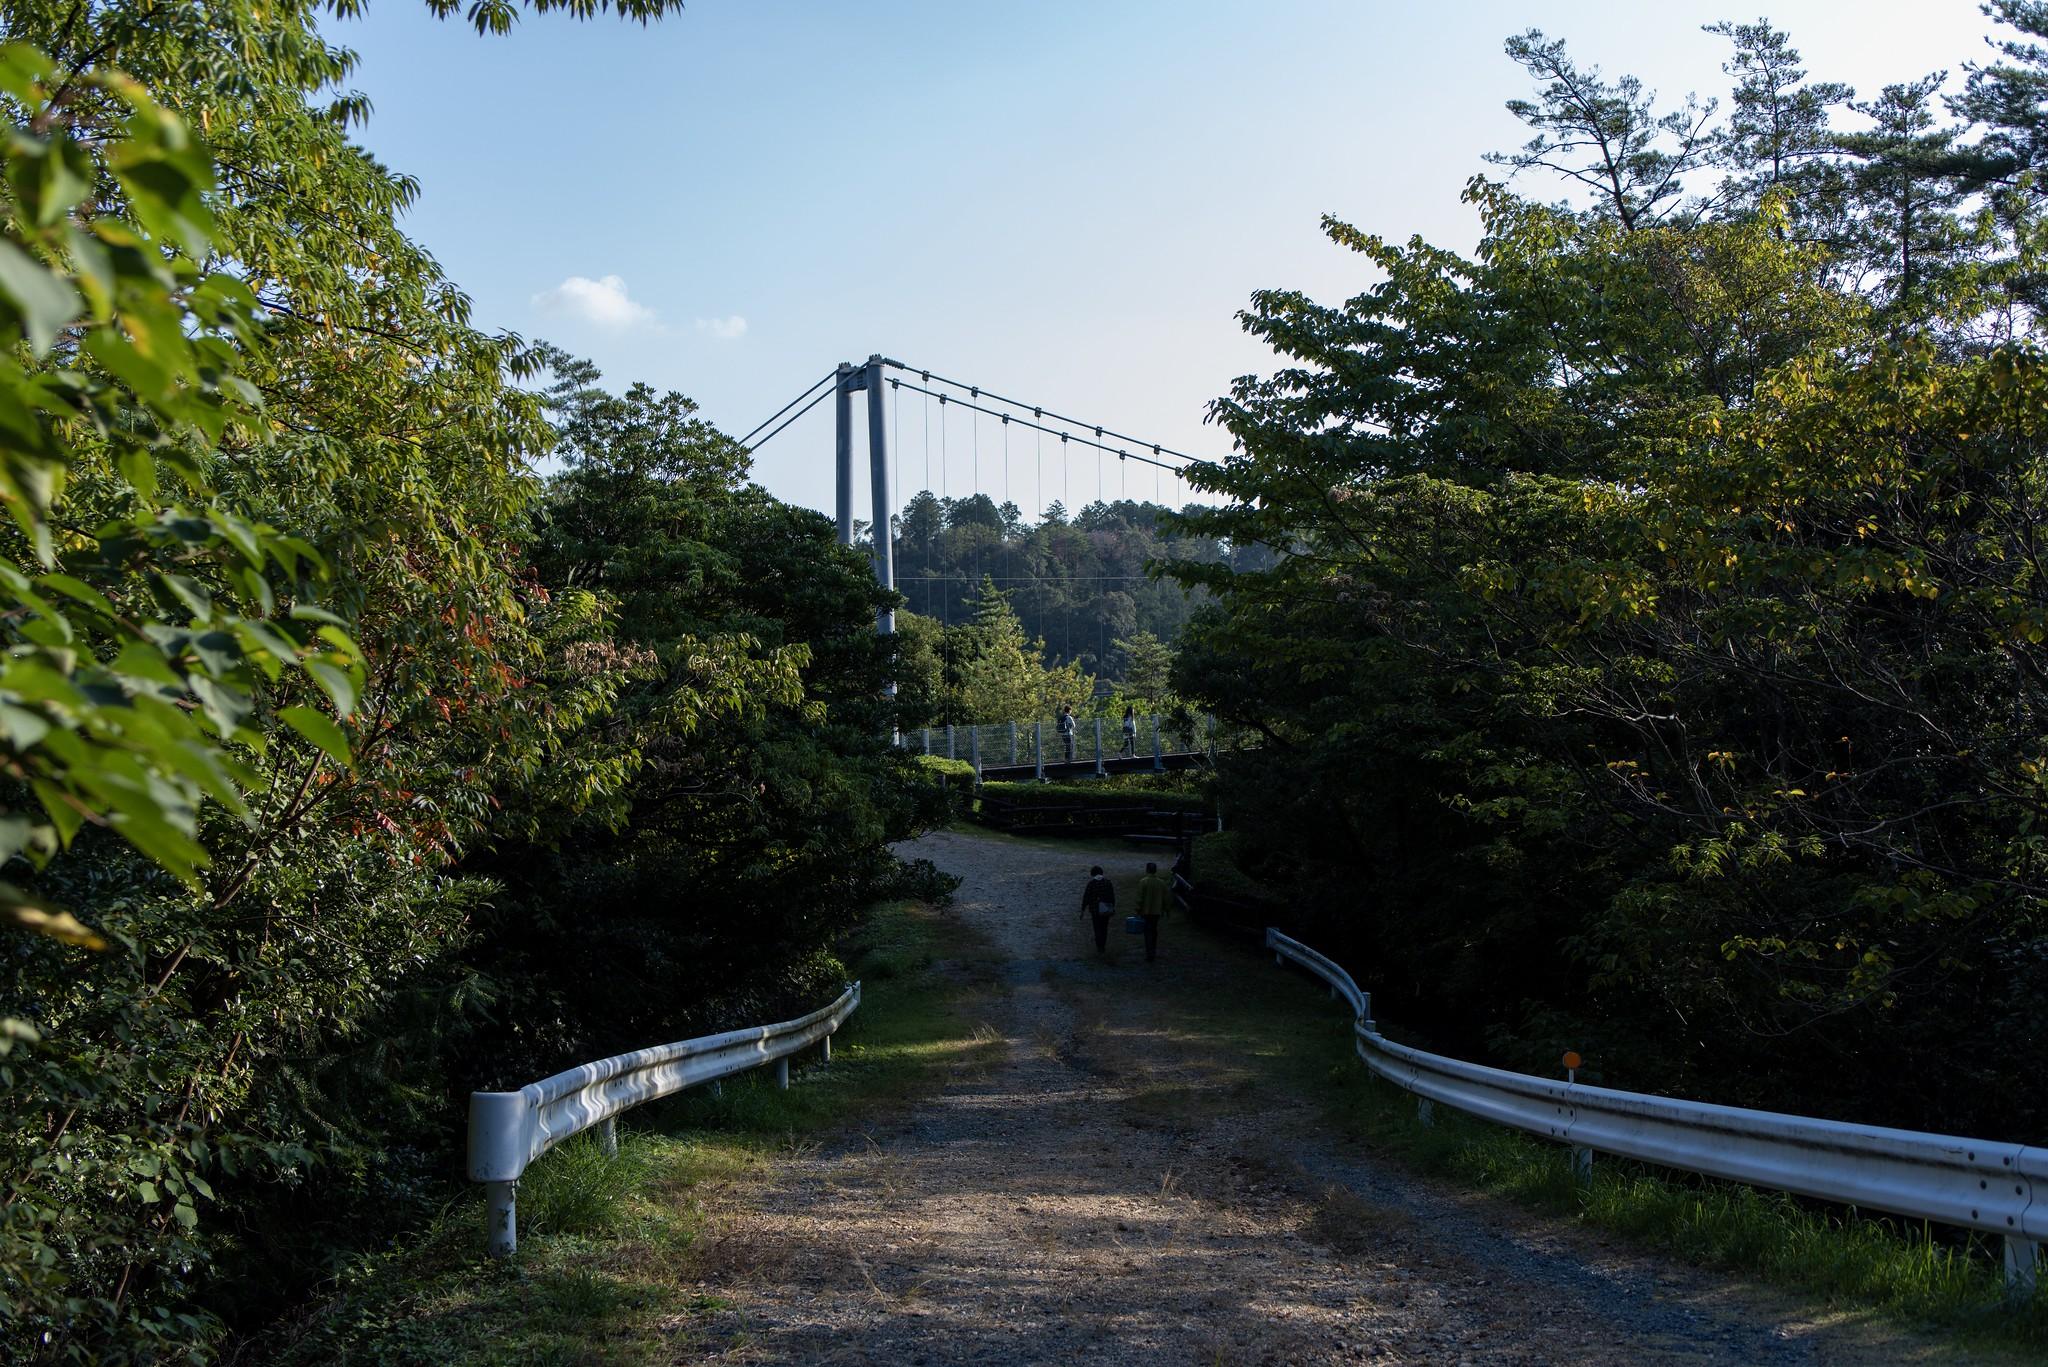 空の散歩道 @ 浜松 Nikon D810 + Tamron SP 35mm F1.8